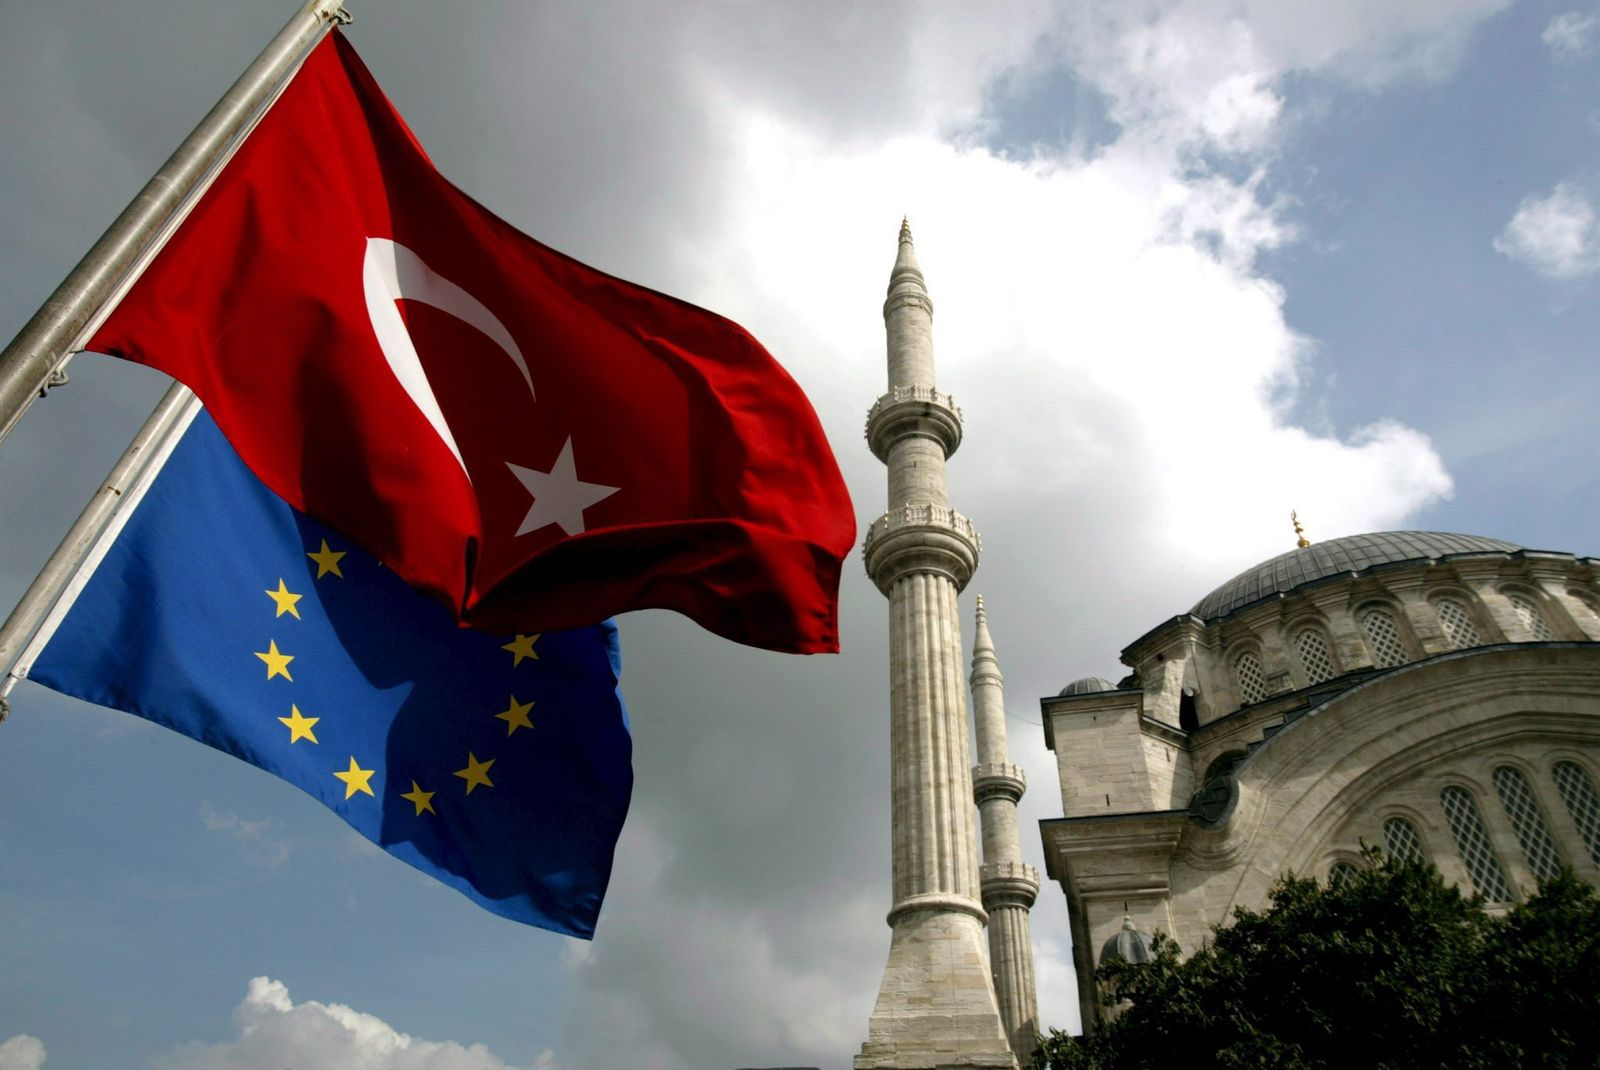 Flagge Türkei EU